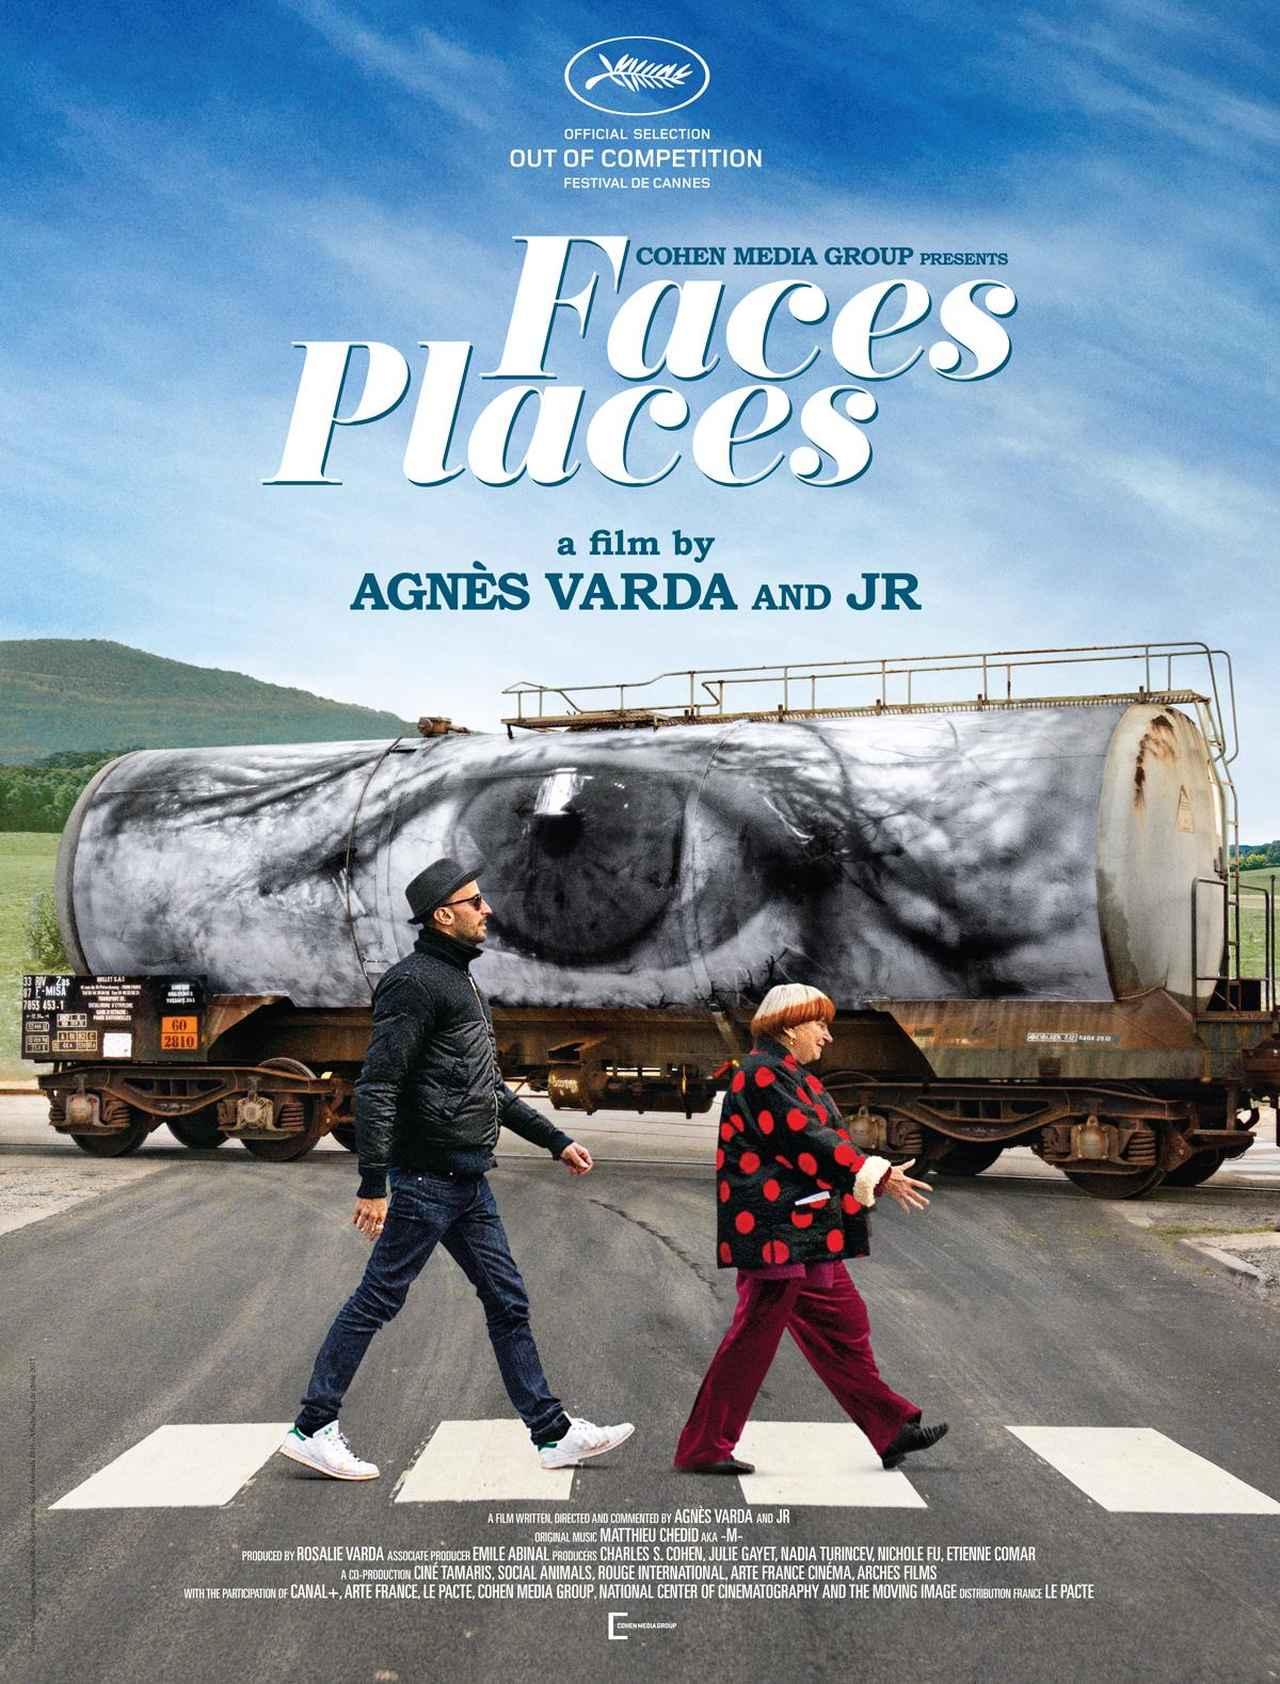 画像1: 名匠アニエス・ヴァルダ(88歳)&アーティストJR(34歳)共同監督 『Visages Villages(原題)』 第70回カンヌ国際映画祭 最優秀ドキュメンタリー賞 (ルイユ・ドール L'Oeil d'Or:金の眼賞) 受賞!